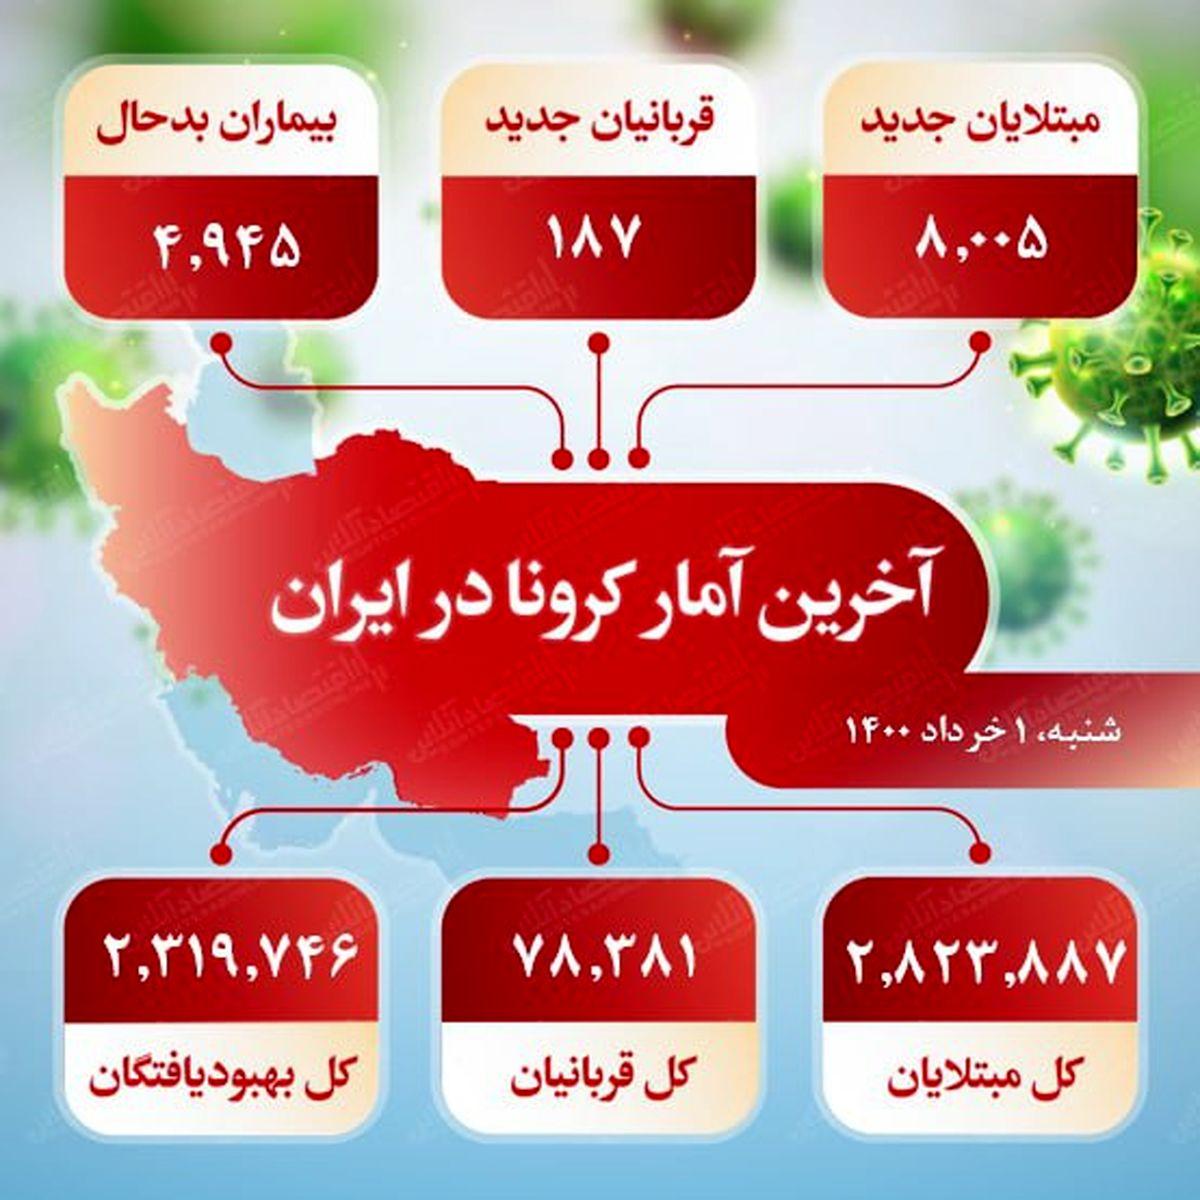 آخرین آمار کرونا در ایران (۱۴۰۰/۳/۱)